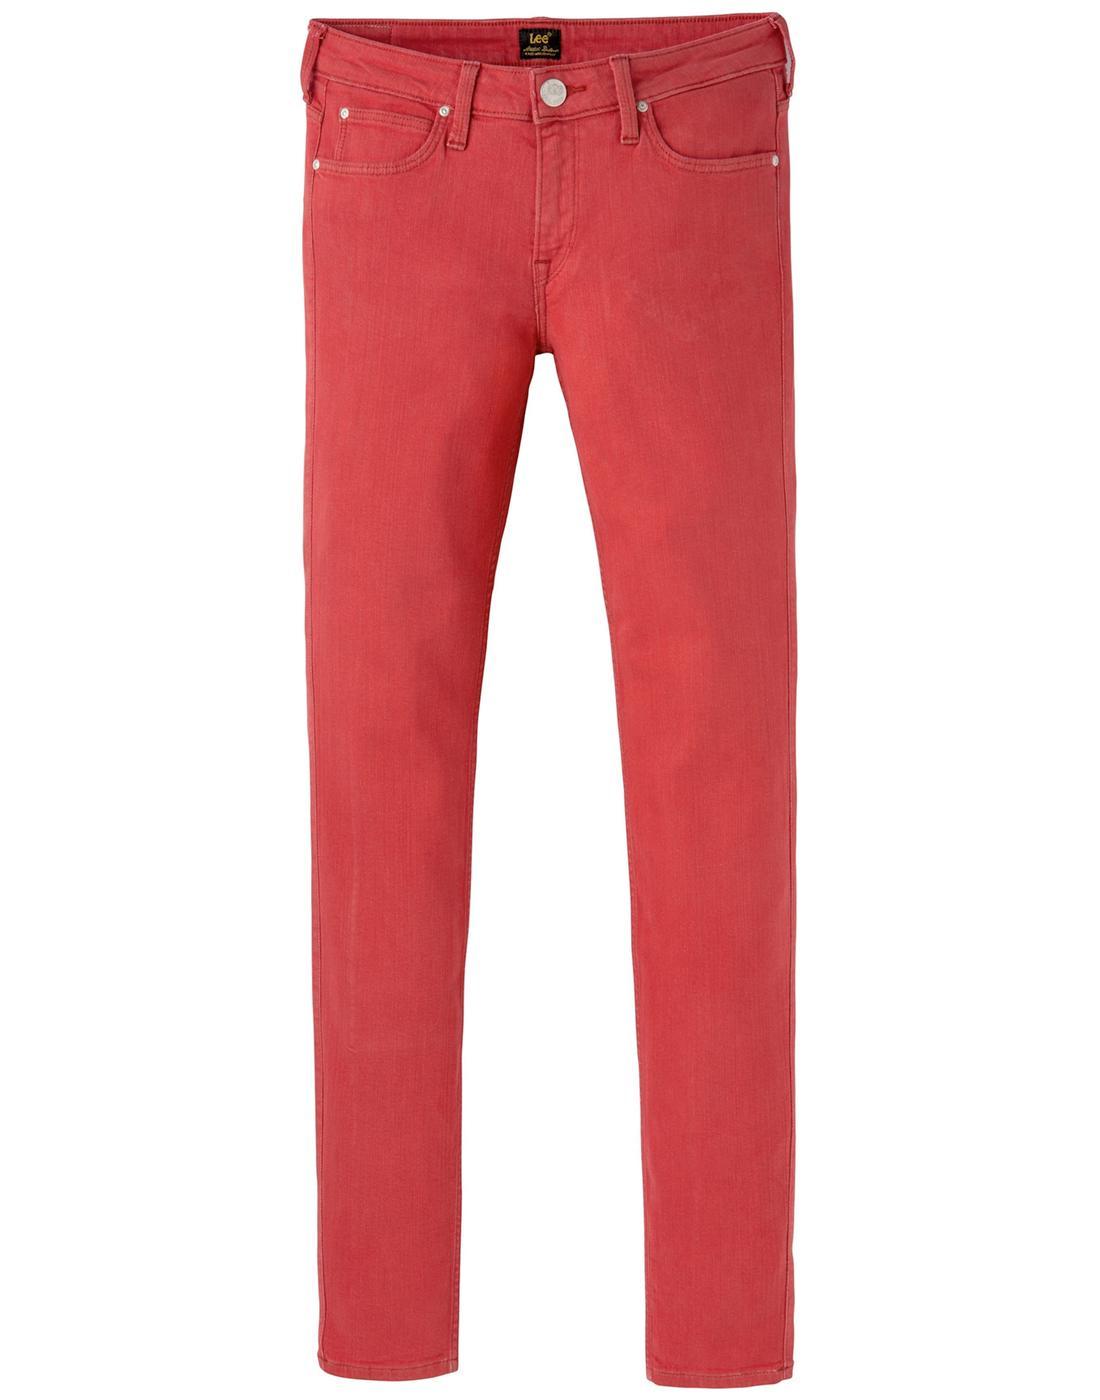 Scarlett LEE JEANS Womens Skinny Jeans in Pop Red